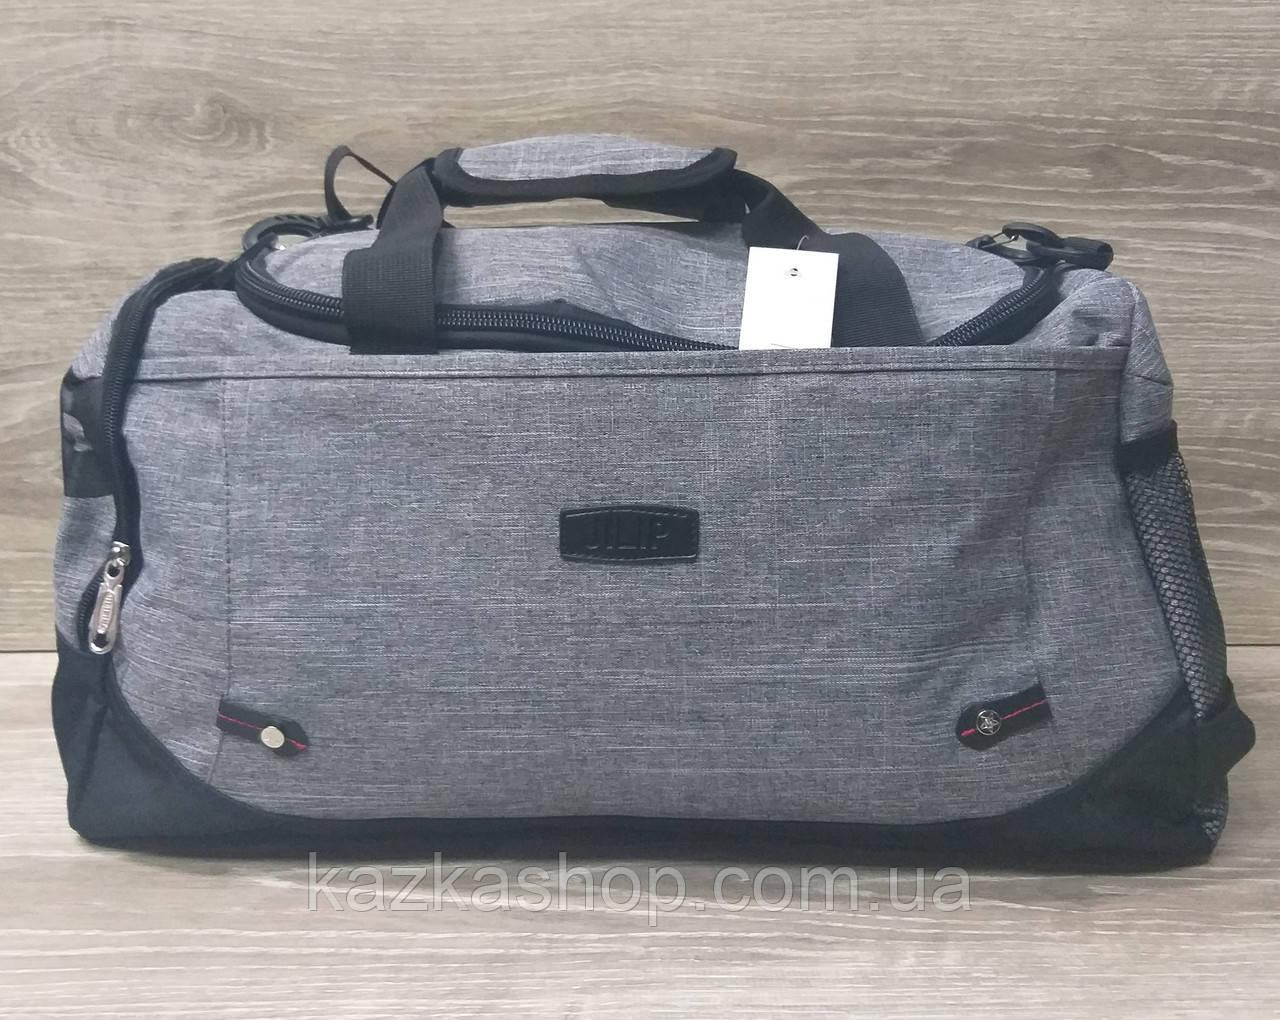 Дорожная сумка хорошего качества, среднего размера 50х25х22 см, плотный материал, ножки на дне сумке